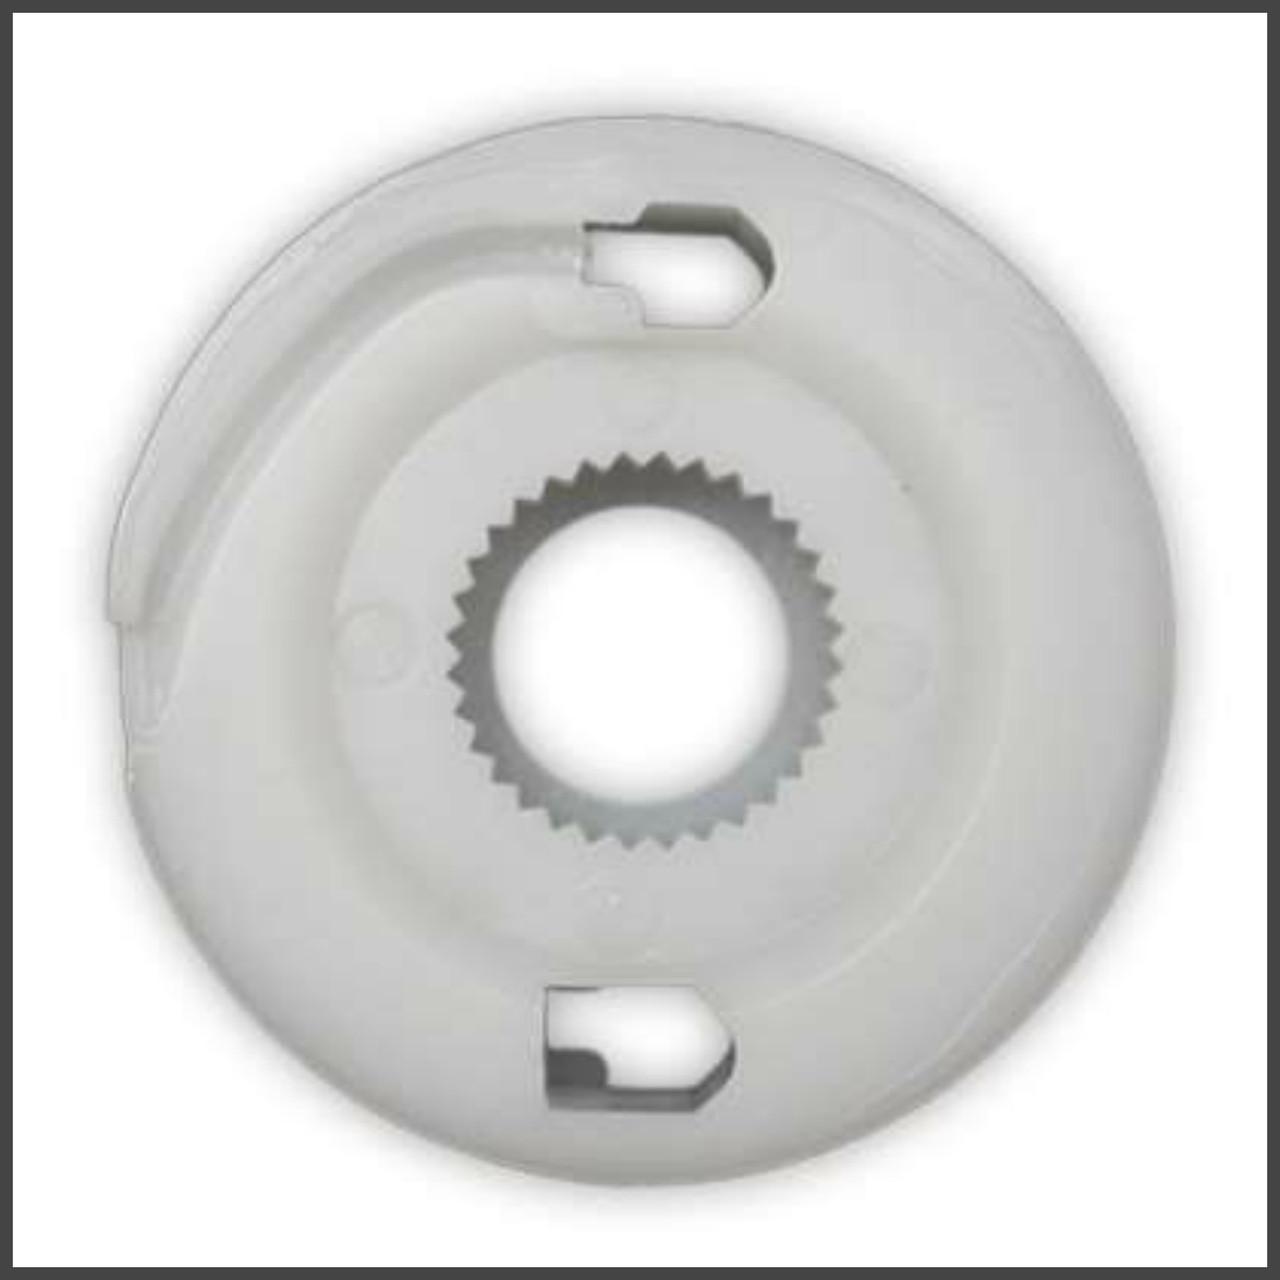 Ролик механизма стеклоподъемника пер/задней правой / левой двери VW, Opel, Skoda, Seat (R / L)